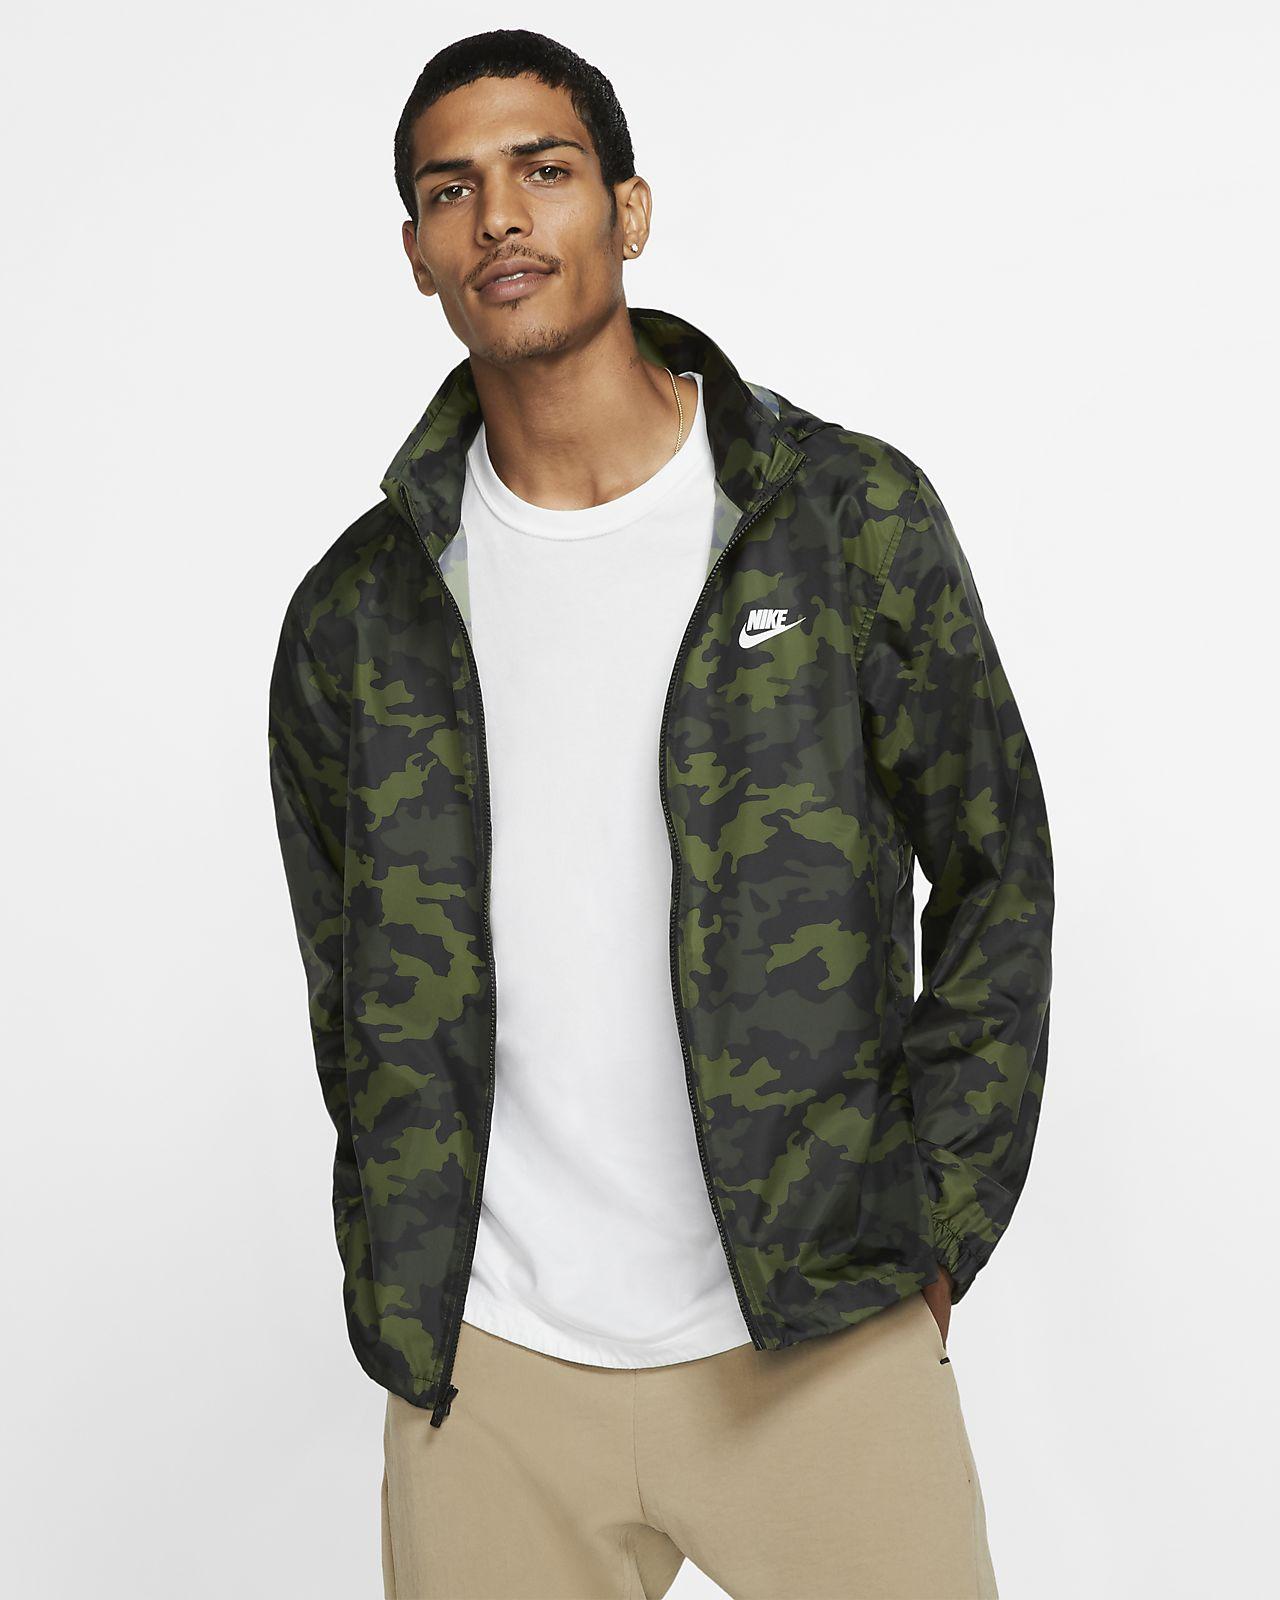 pour camouflage à Sportswear Veste Nike capuche Homme T1FKc35uJl